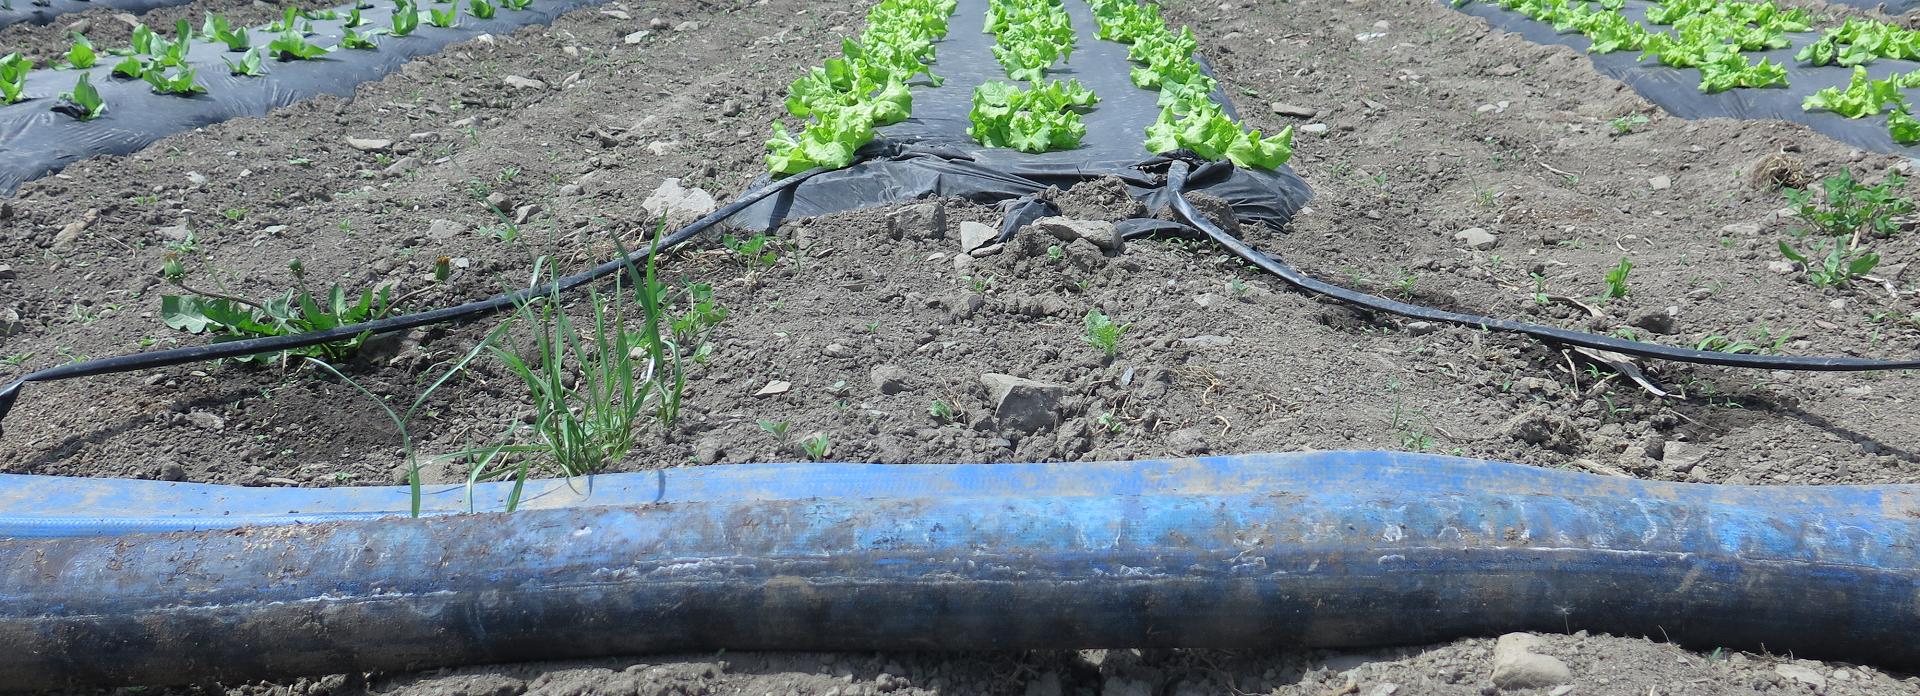 Irrigation en action - Irrigation at Work